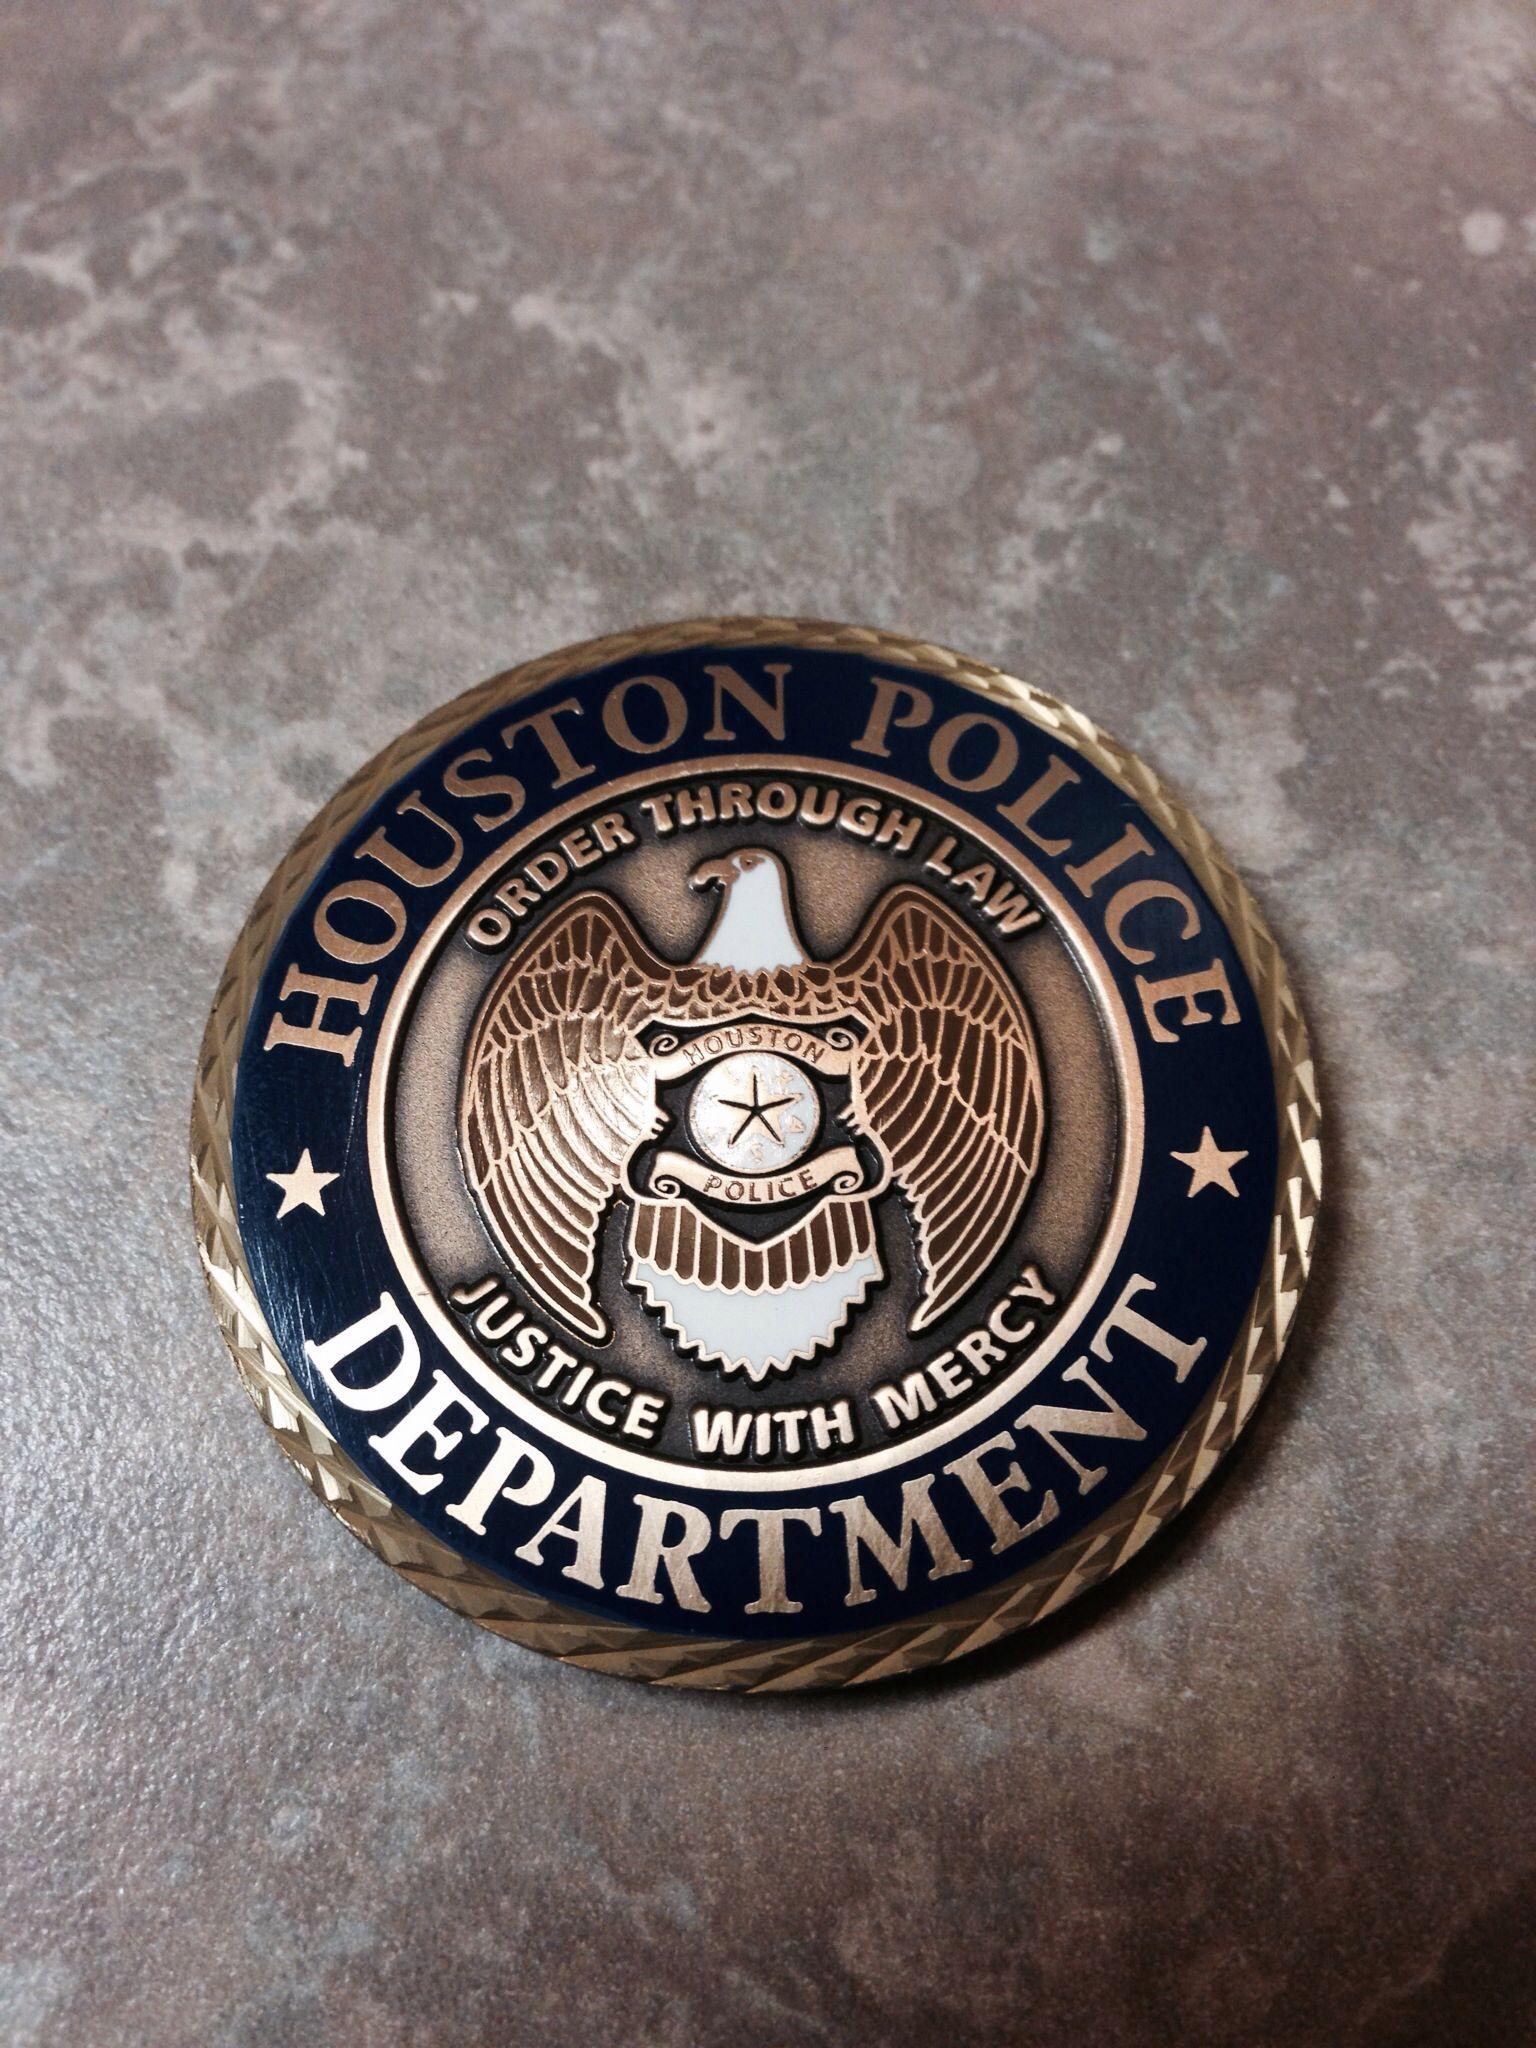 160 Le Badges Challenge Coins Ideas Law Enforcement Badges Challenge Coins Law Enforcement